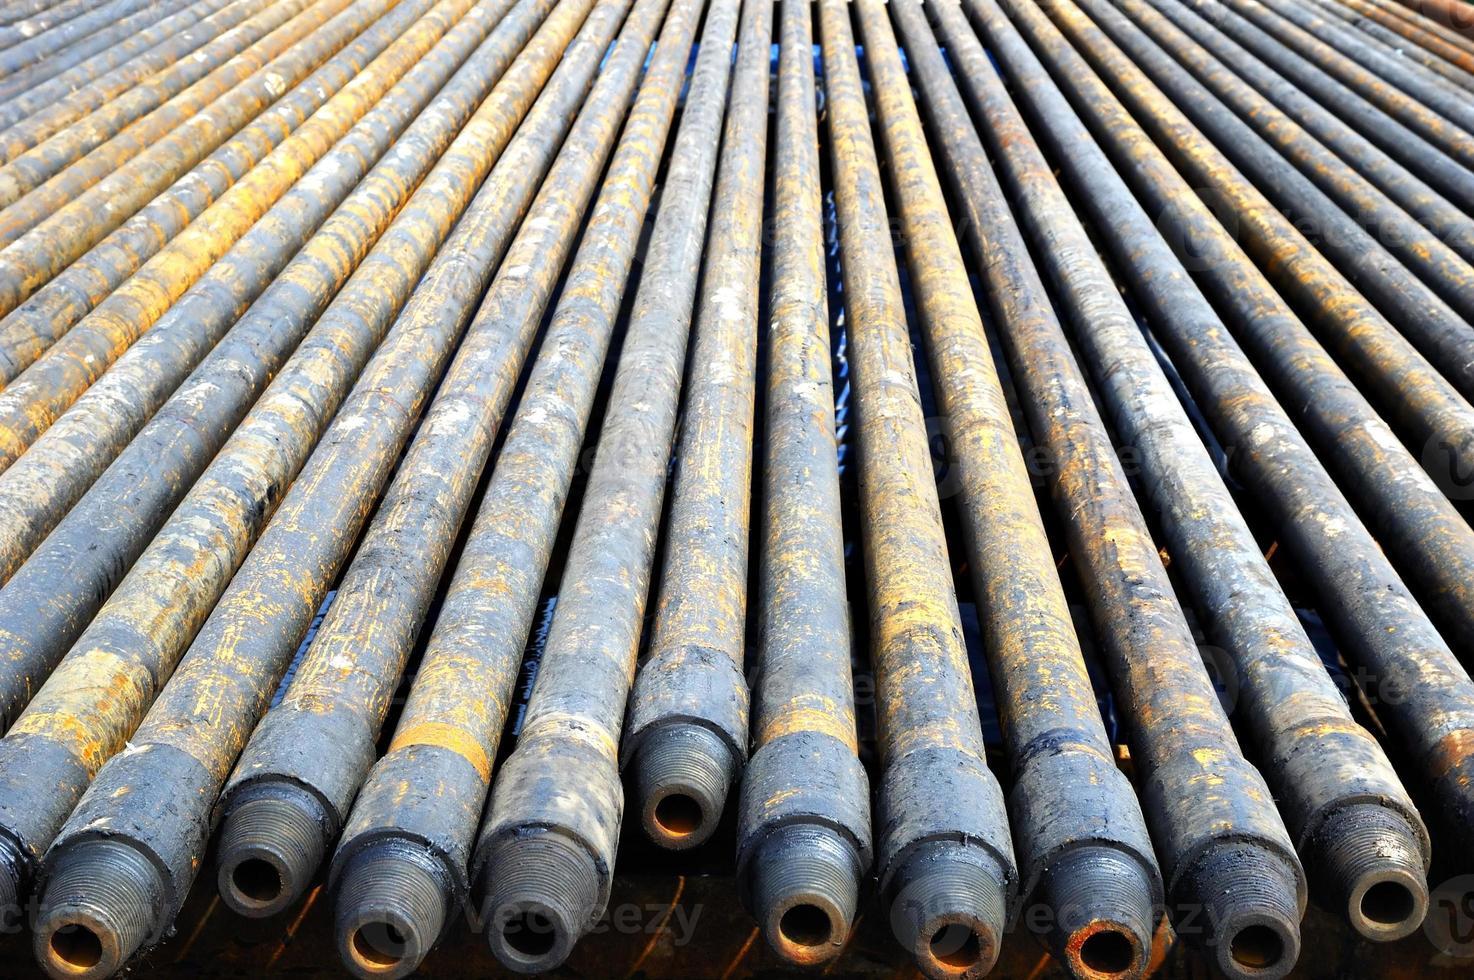 uma fileira de tubos de aço longos e sujos foto